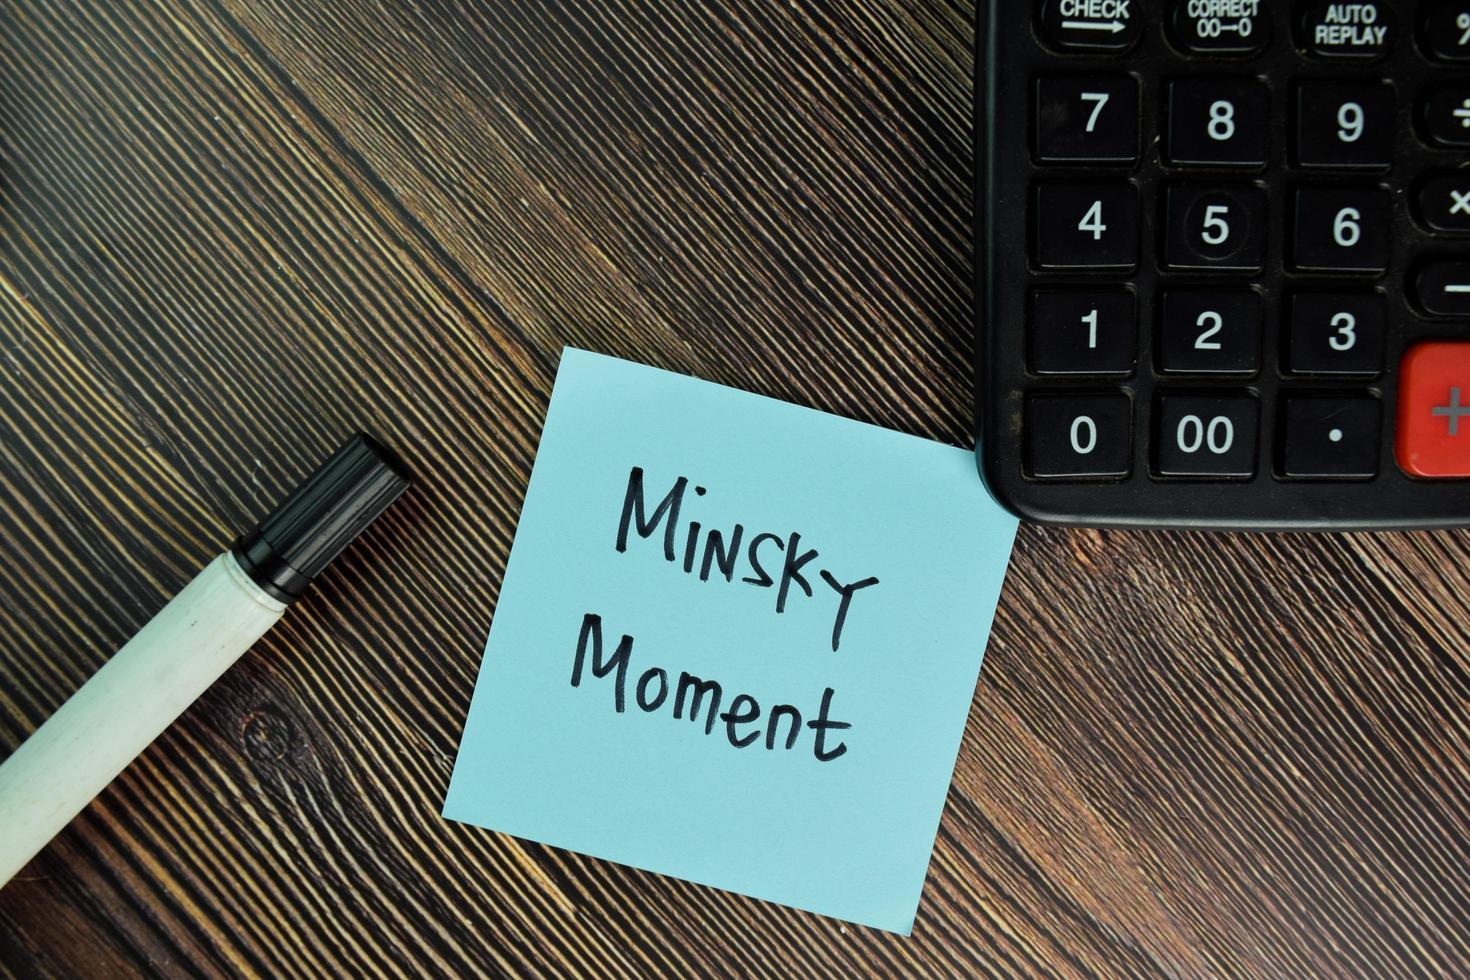 minsky moment geschreven op notitie geïsoleerd op houten tafel foto